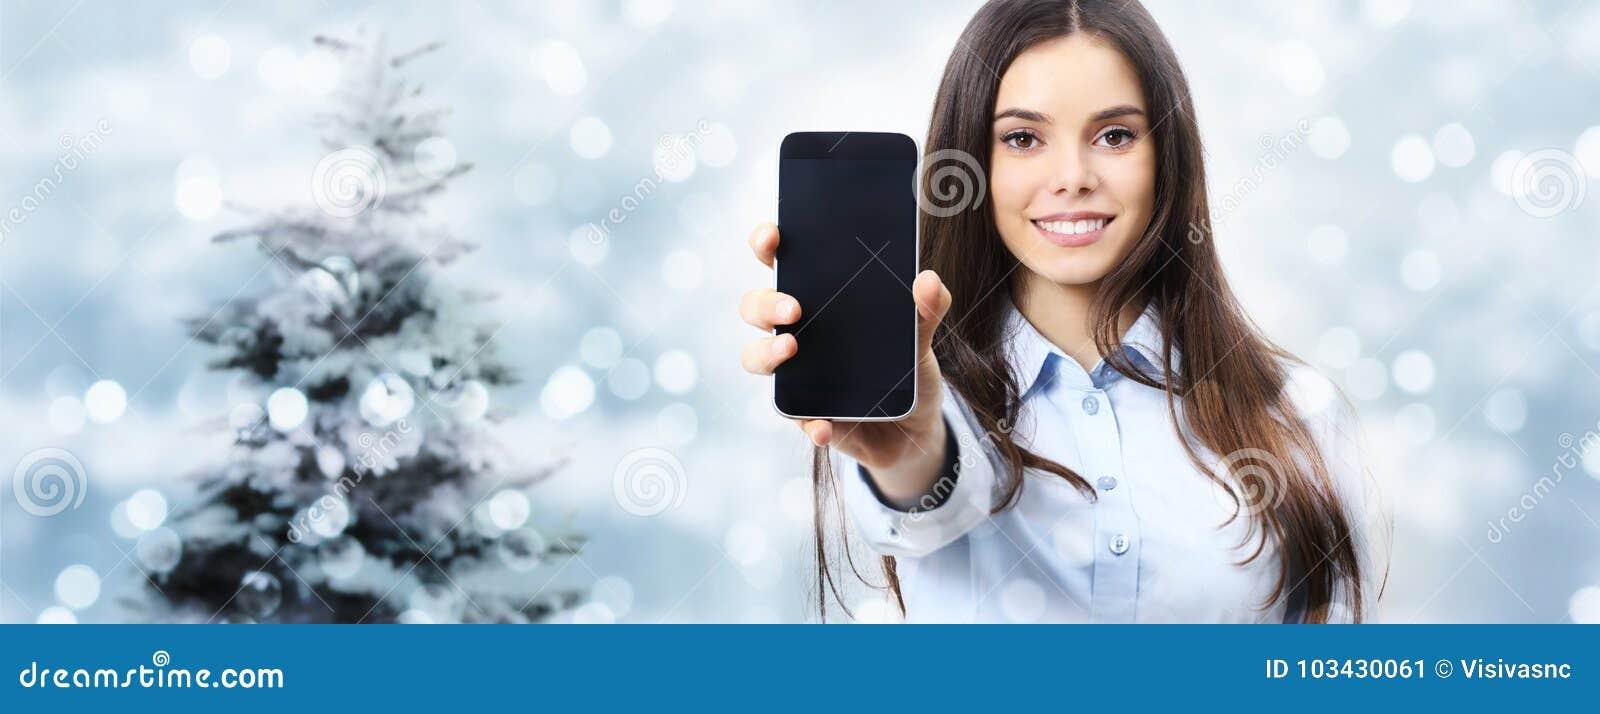 Bożenarodzeniowego tematu uśmiechnięta kobieta pokazuje smartphone, na zamazanym świetle